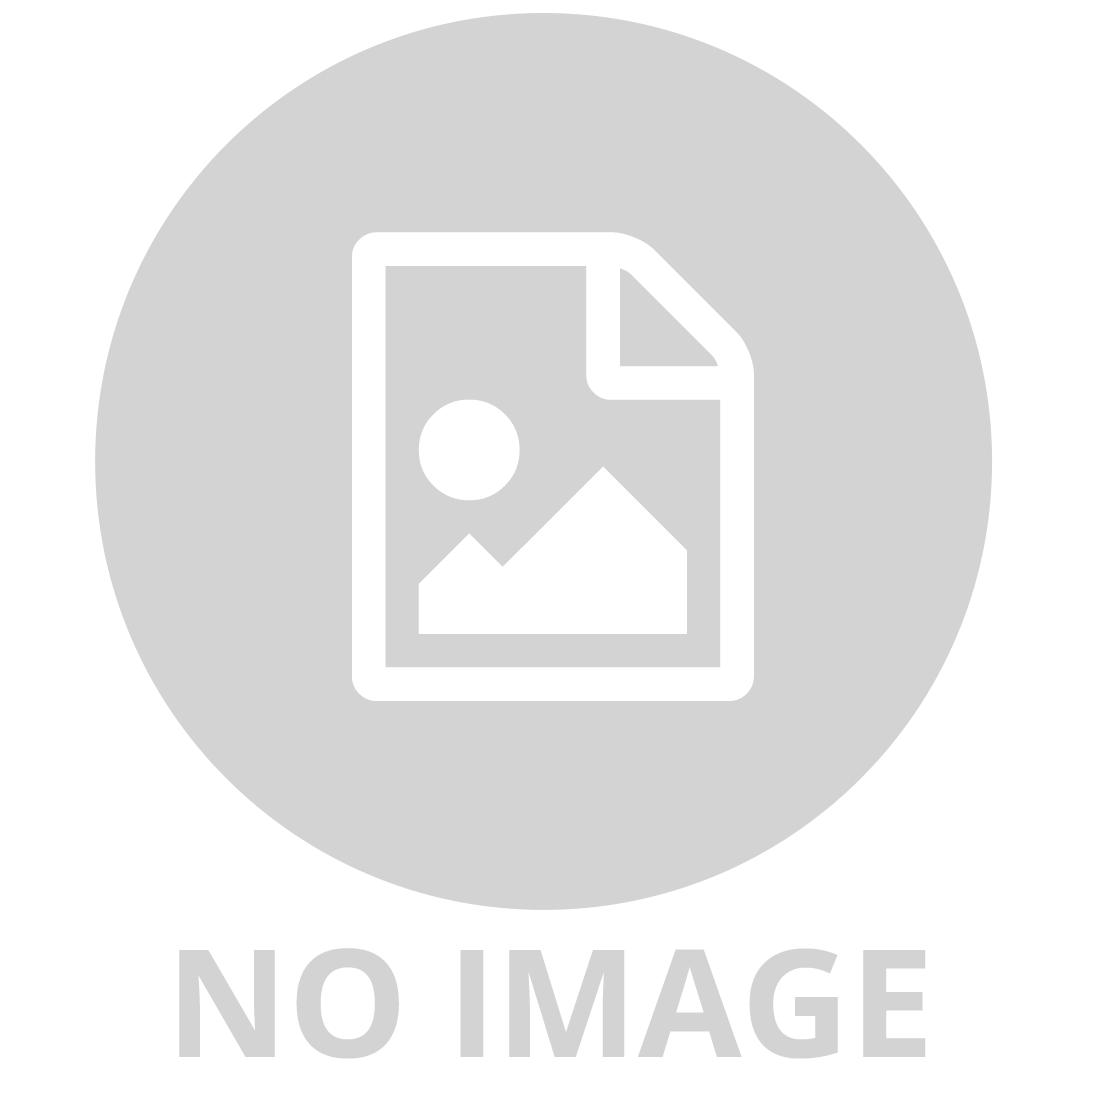 STAR WARS MILLENNIUM FALCON RADIO CONTROL